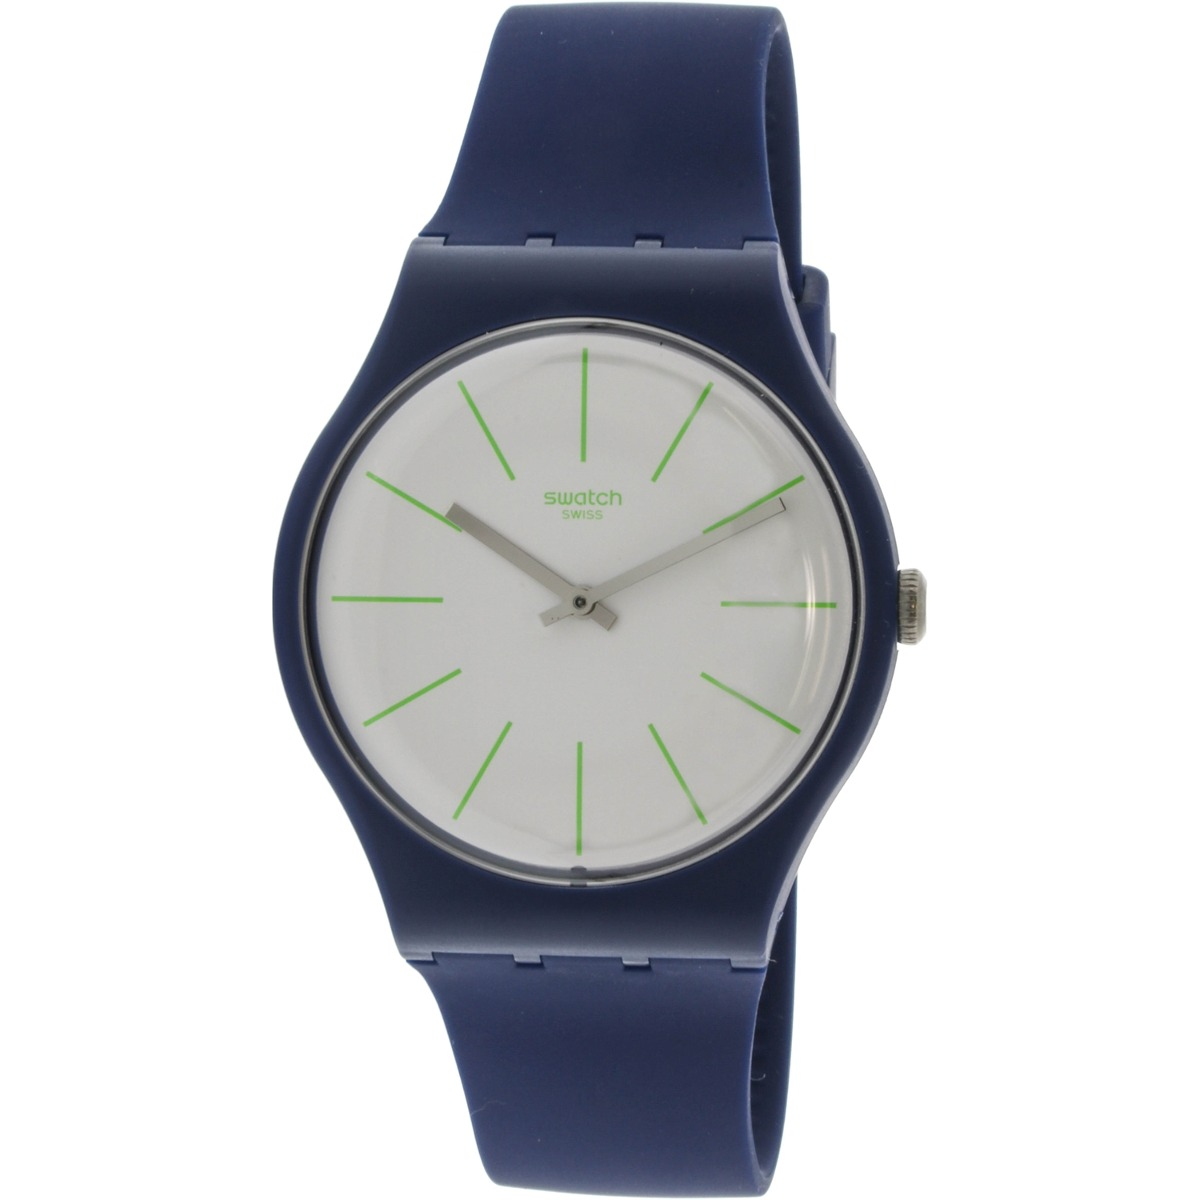 Wnnovm80 Reloj Bluesounds Suon127 Cuarzo Silicona Suizo Swatch De P8vnmOyN0w